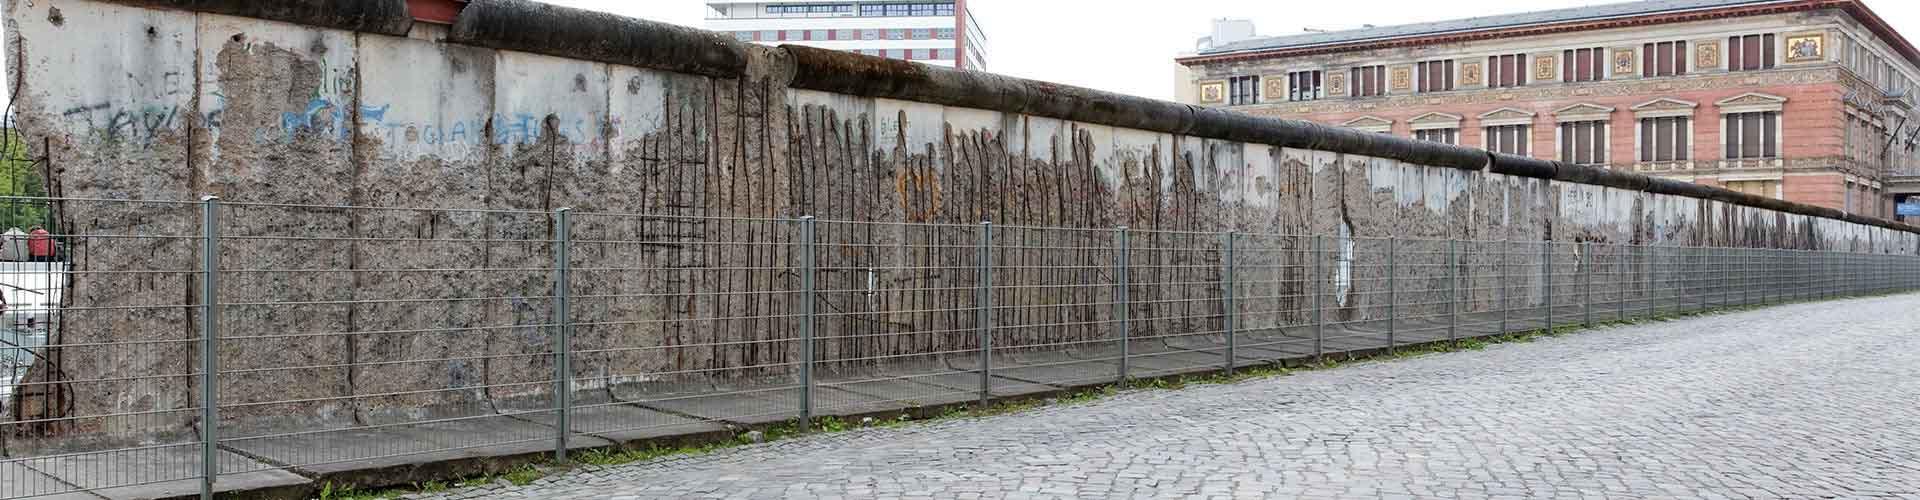 Berlín - Habitaciones cerca a Muro de Berlín. Mapas de Berlín, Fotos y comentarios de cada Habitación en Berlín.